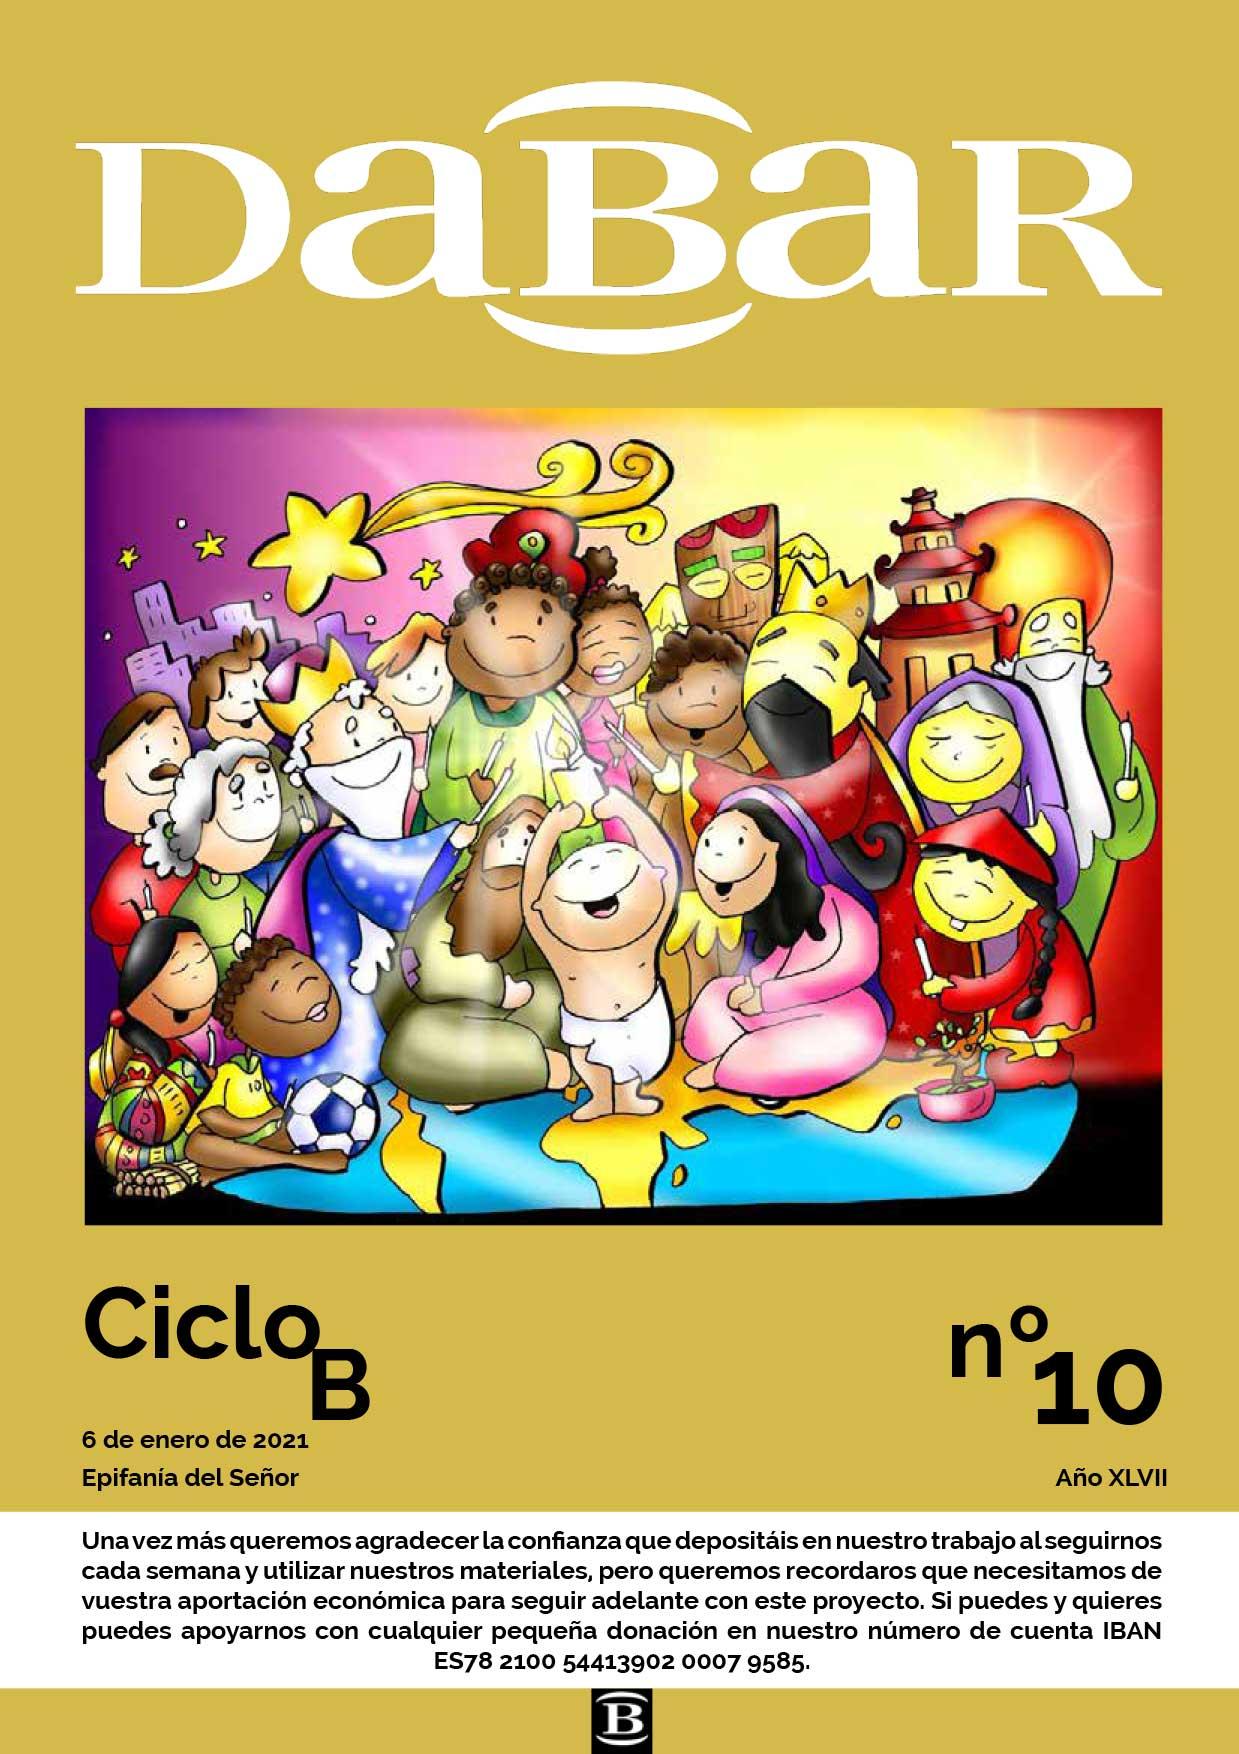 Dabar Revista numero 10 ciclo B